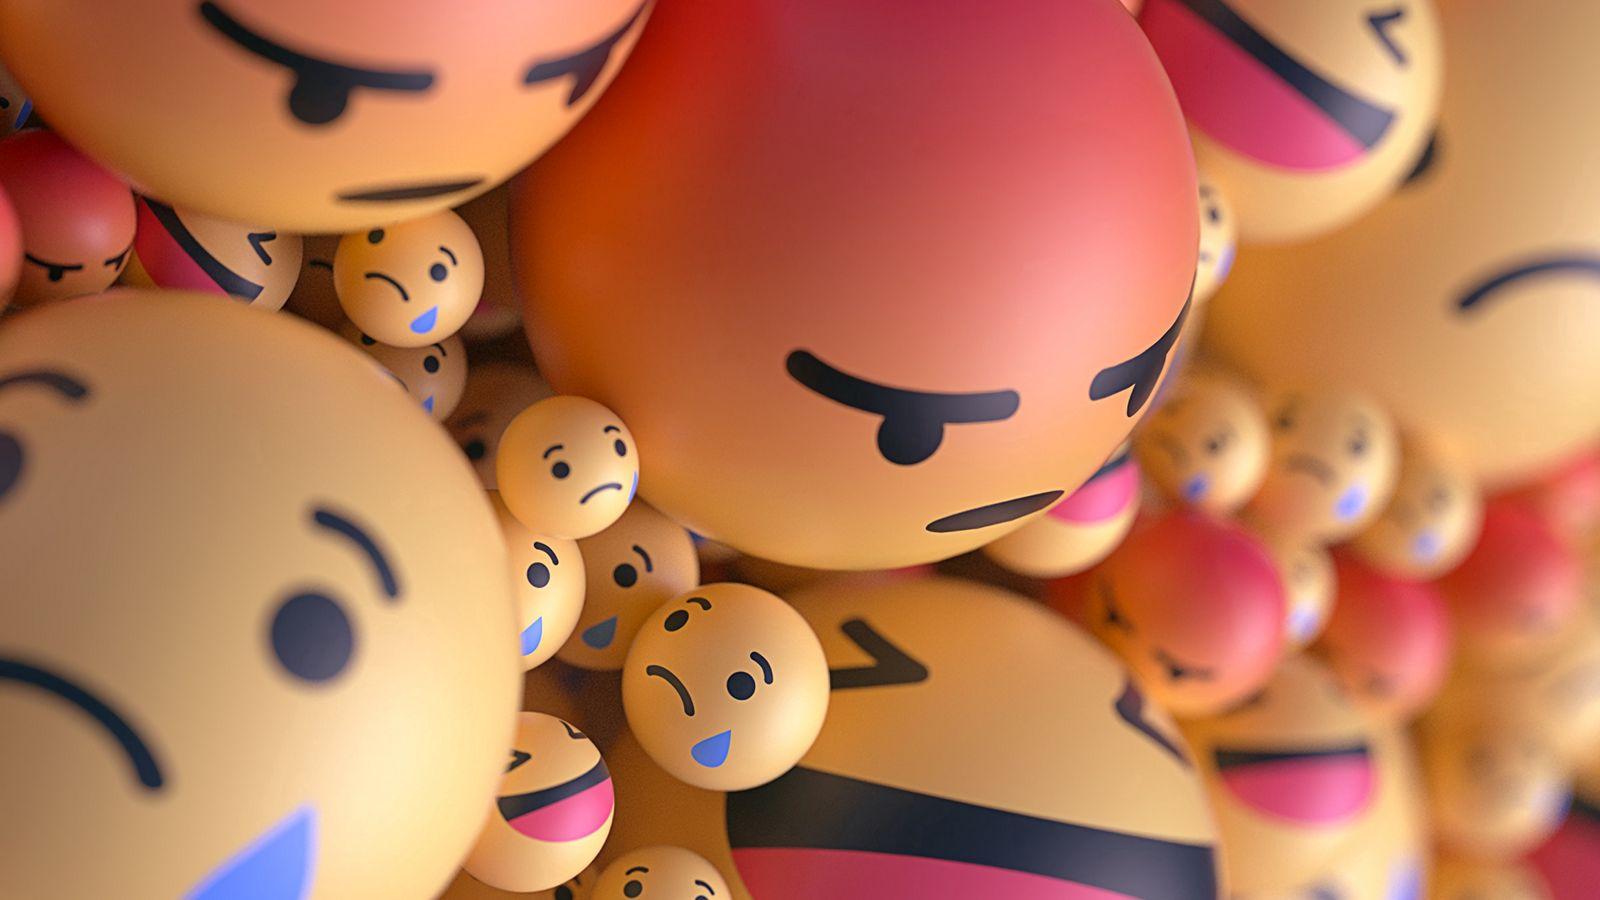 1600x900 Wallpaper smiles, emoticons, balls, 3d, emotions